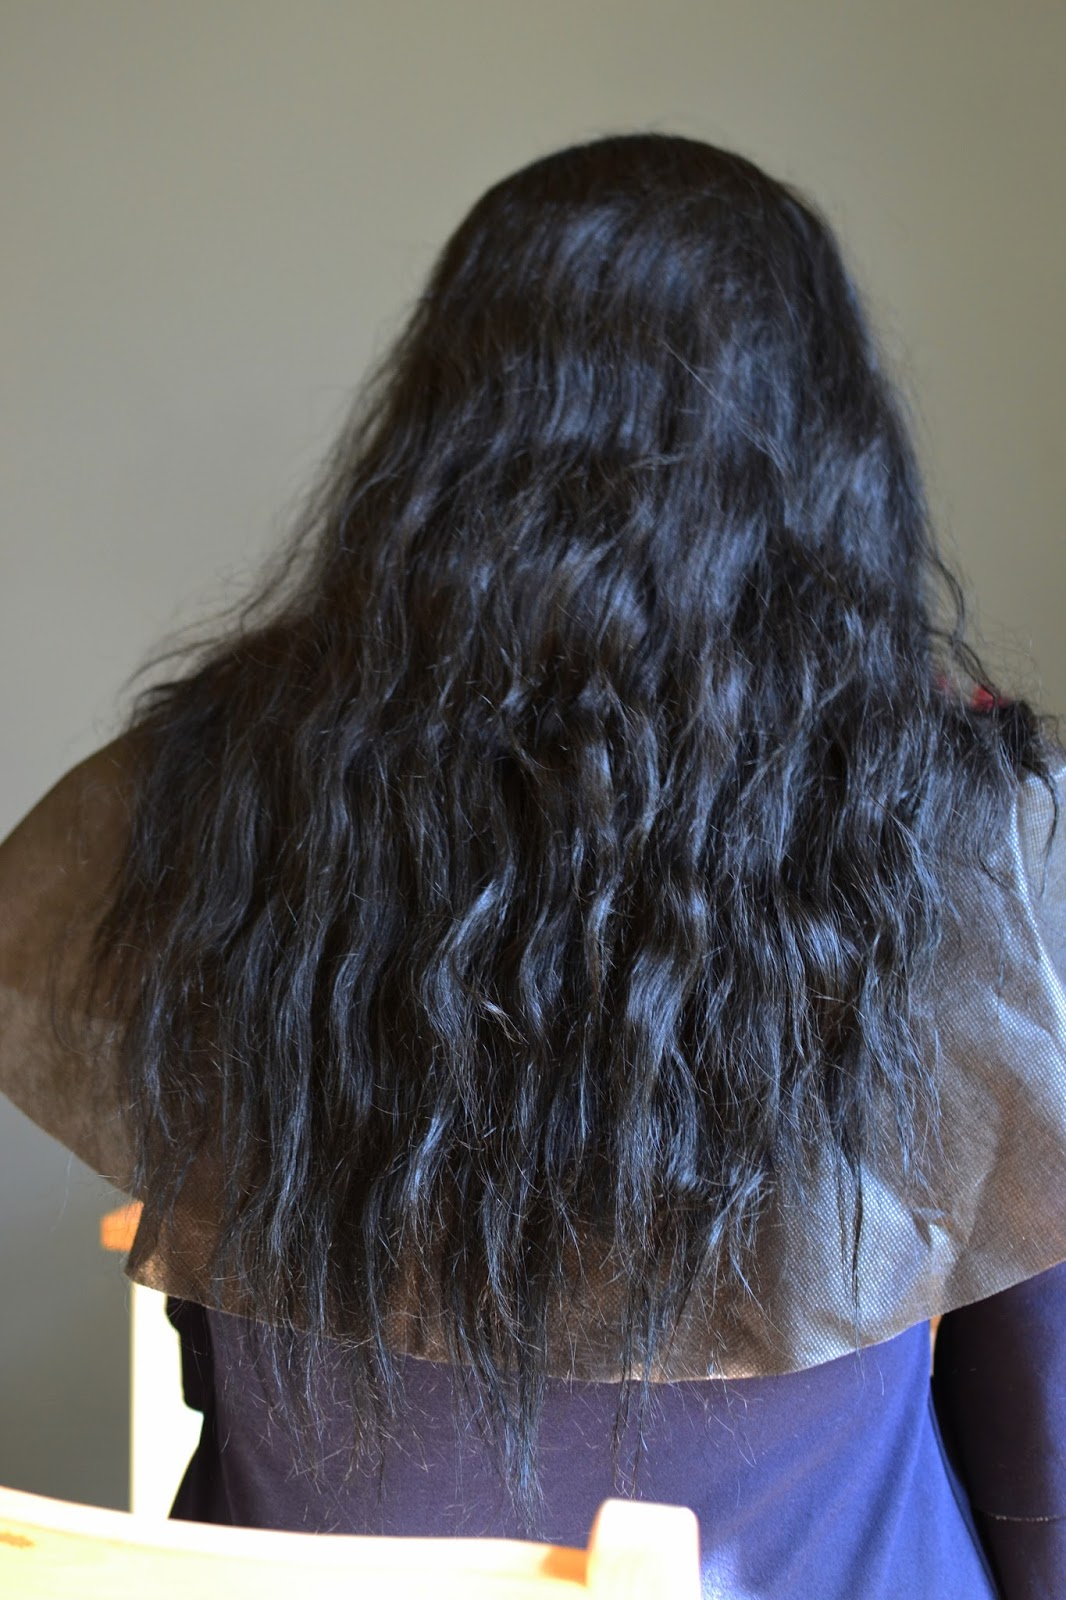 wykruszające się włosy